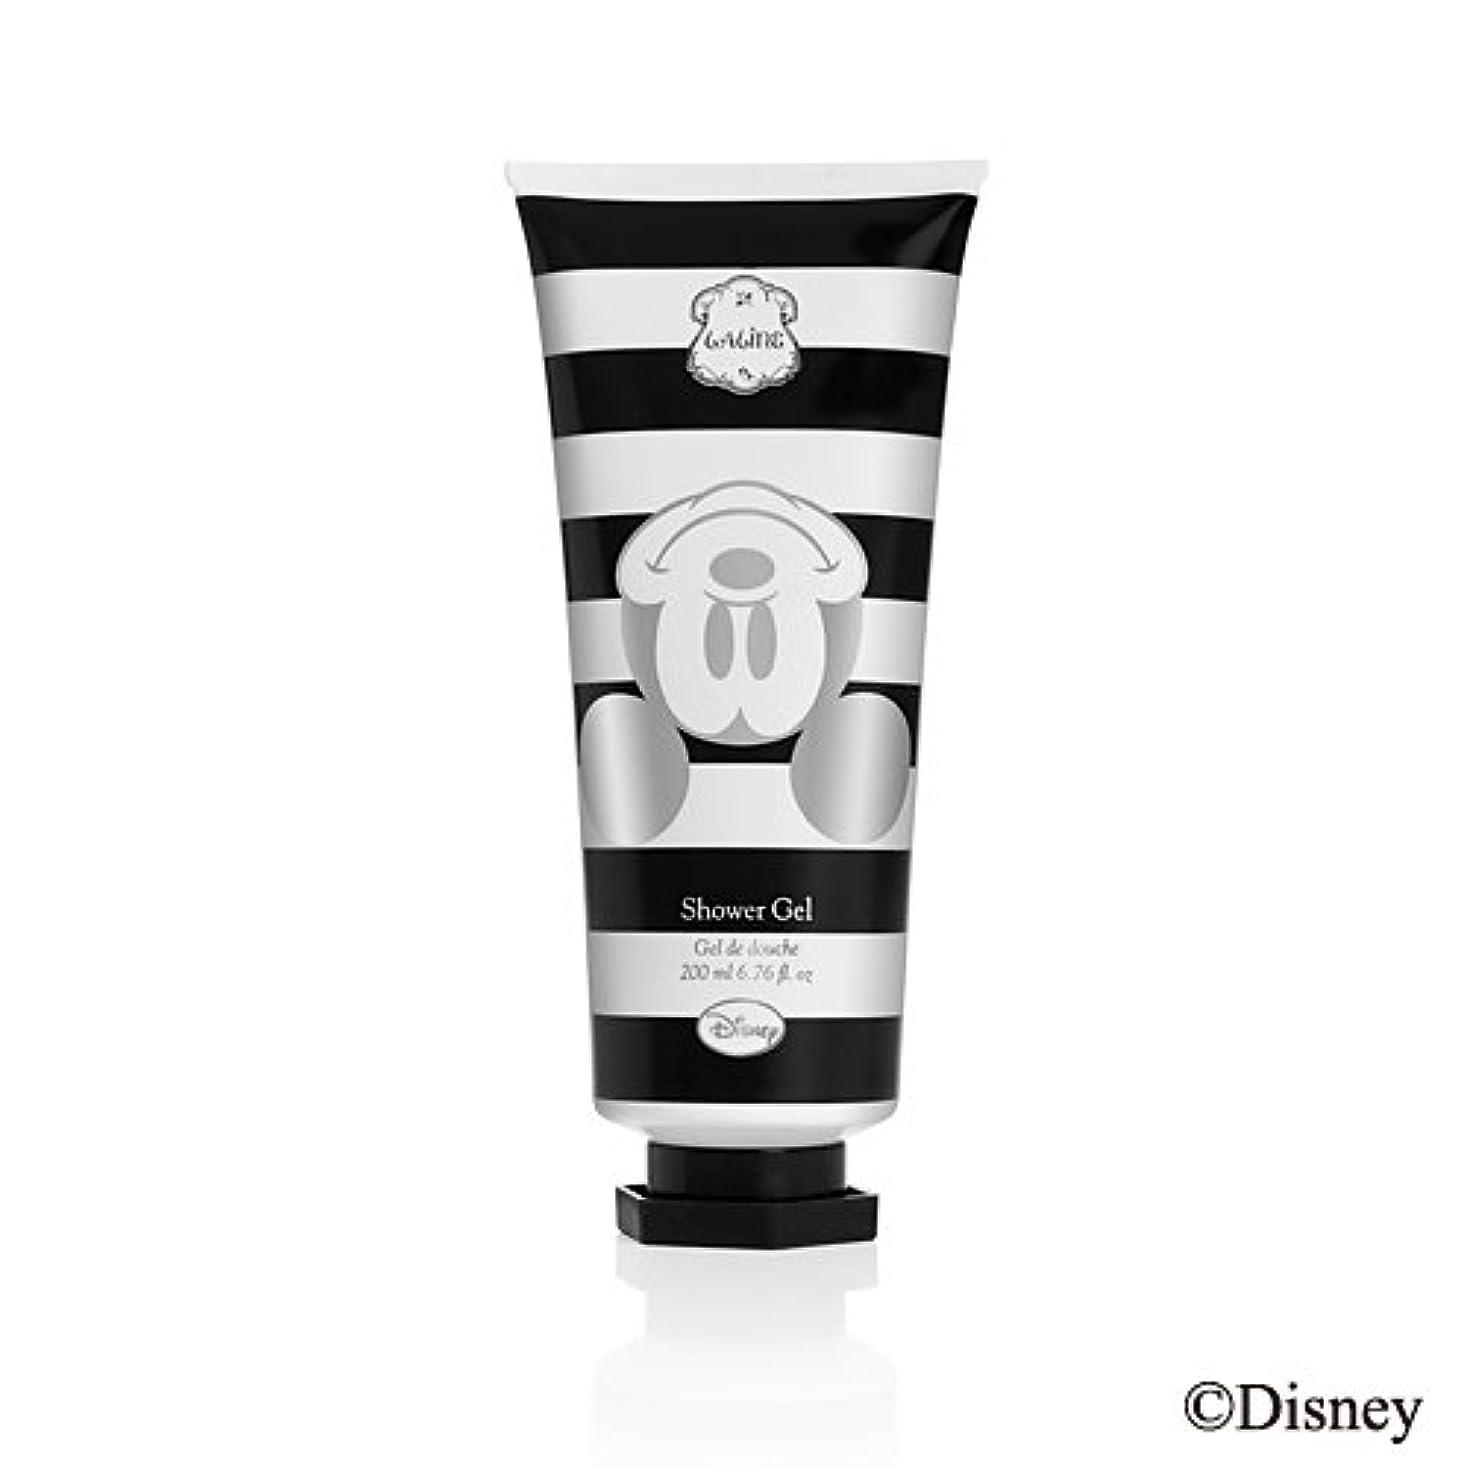 権限を与える依存する有効ラリン Disney Collection by Laline シャワージェル チェリーブロッサムの香り 200ml